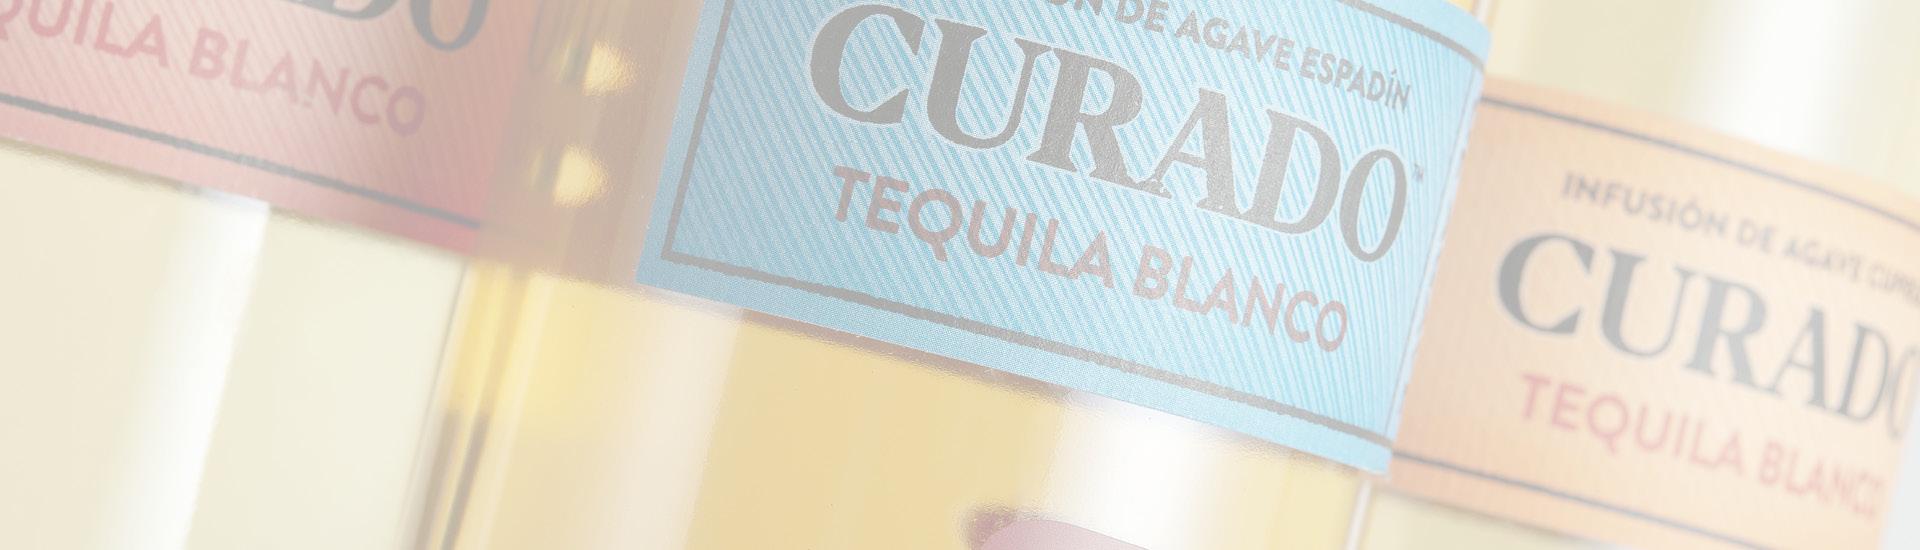 Eine Flasche Curado Tequila Espadin GRATIS ab einem Bestellwert von 299,-! 07/2021 - Slider